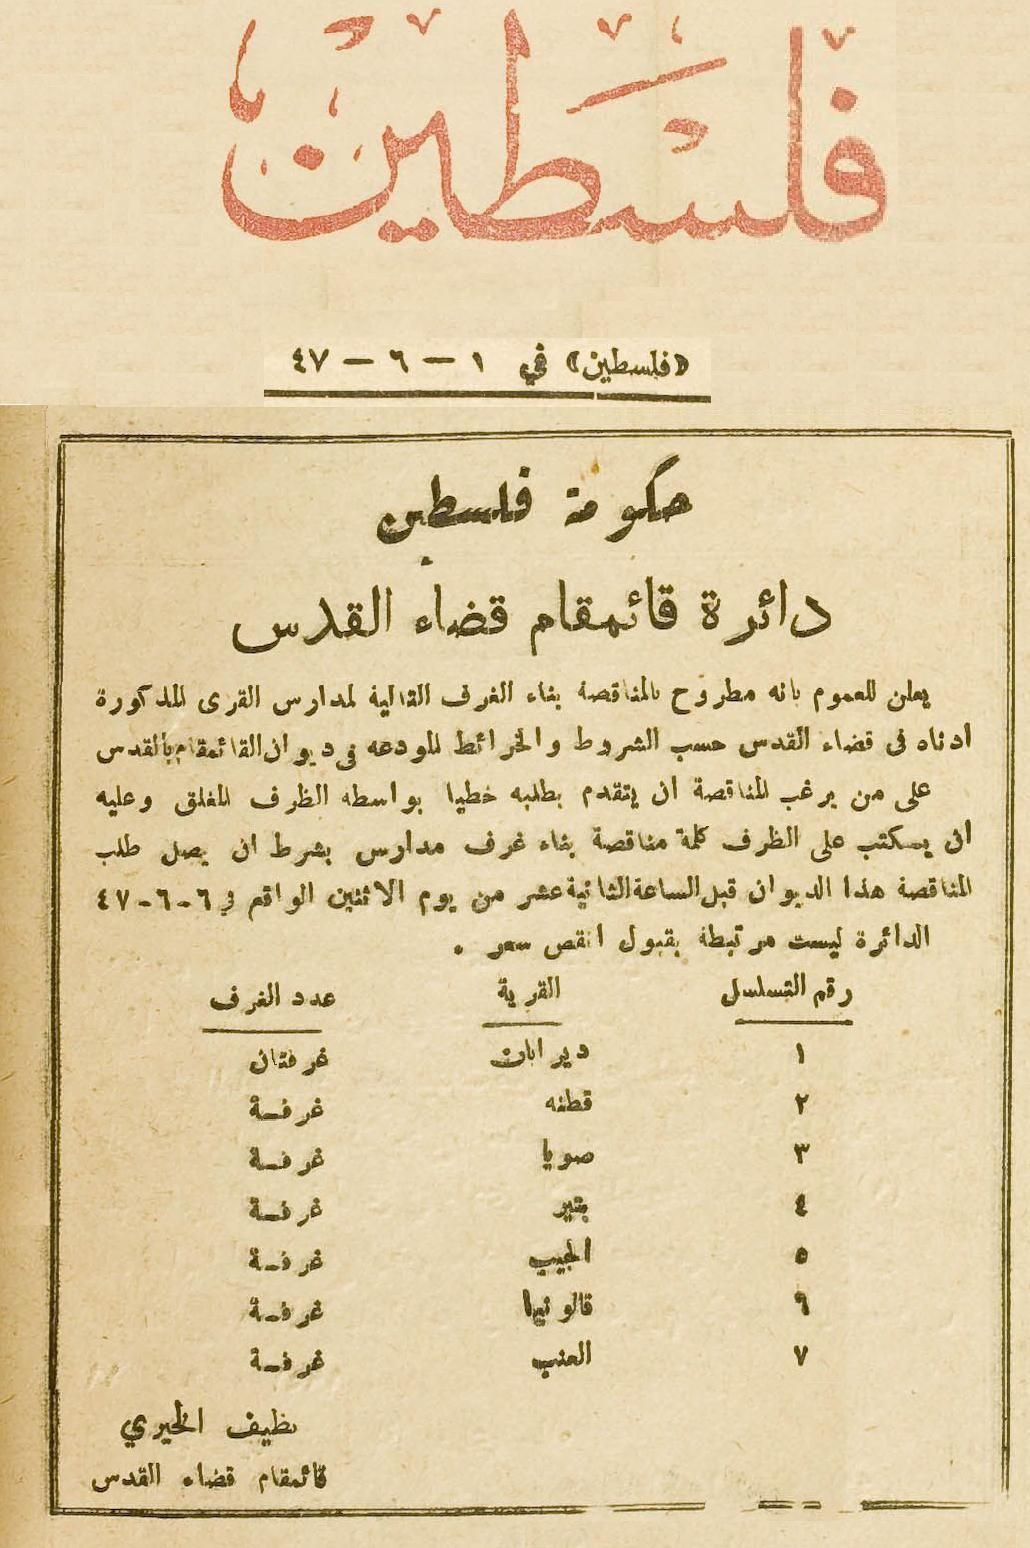 القدس الشريف القدس إعلان منشور في صحيفة فلسطين الصادرة بتاريخ 1947 6 1 عن مناقصة لبناء غرف مدارس لقرى تابعة ل Palestine History Words Quotes Revolution Poster